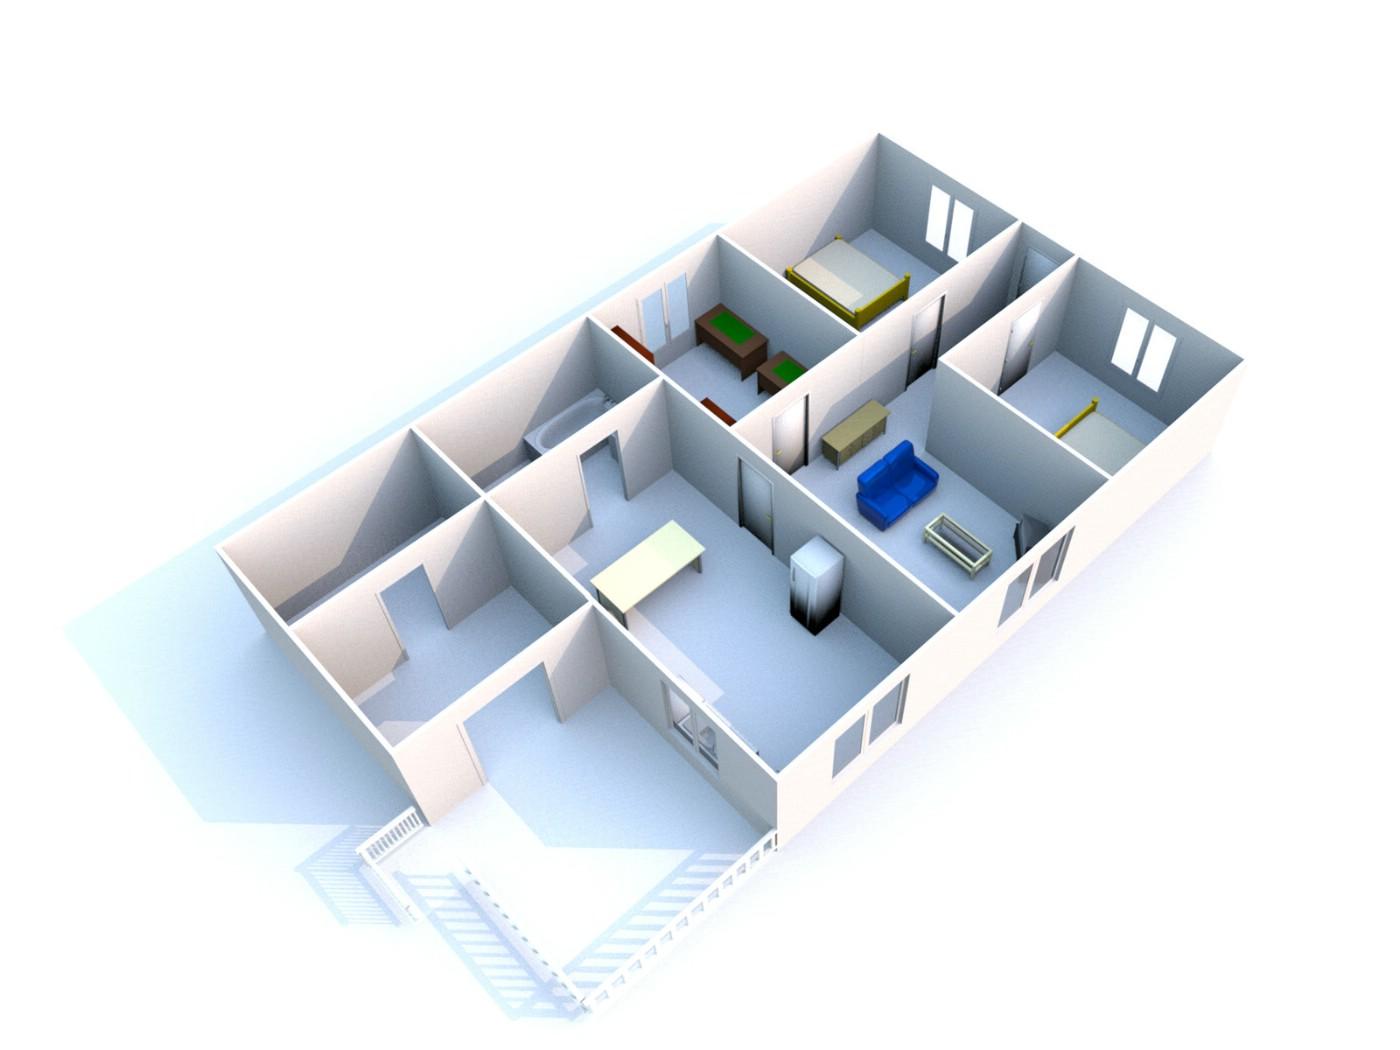 壁纸1400 215 1050住宅建筑3d设计蓝图壁纸 建筑蓝图壁纸图片 插画壁纸 插画图片素材 桌面壁纸